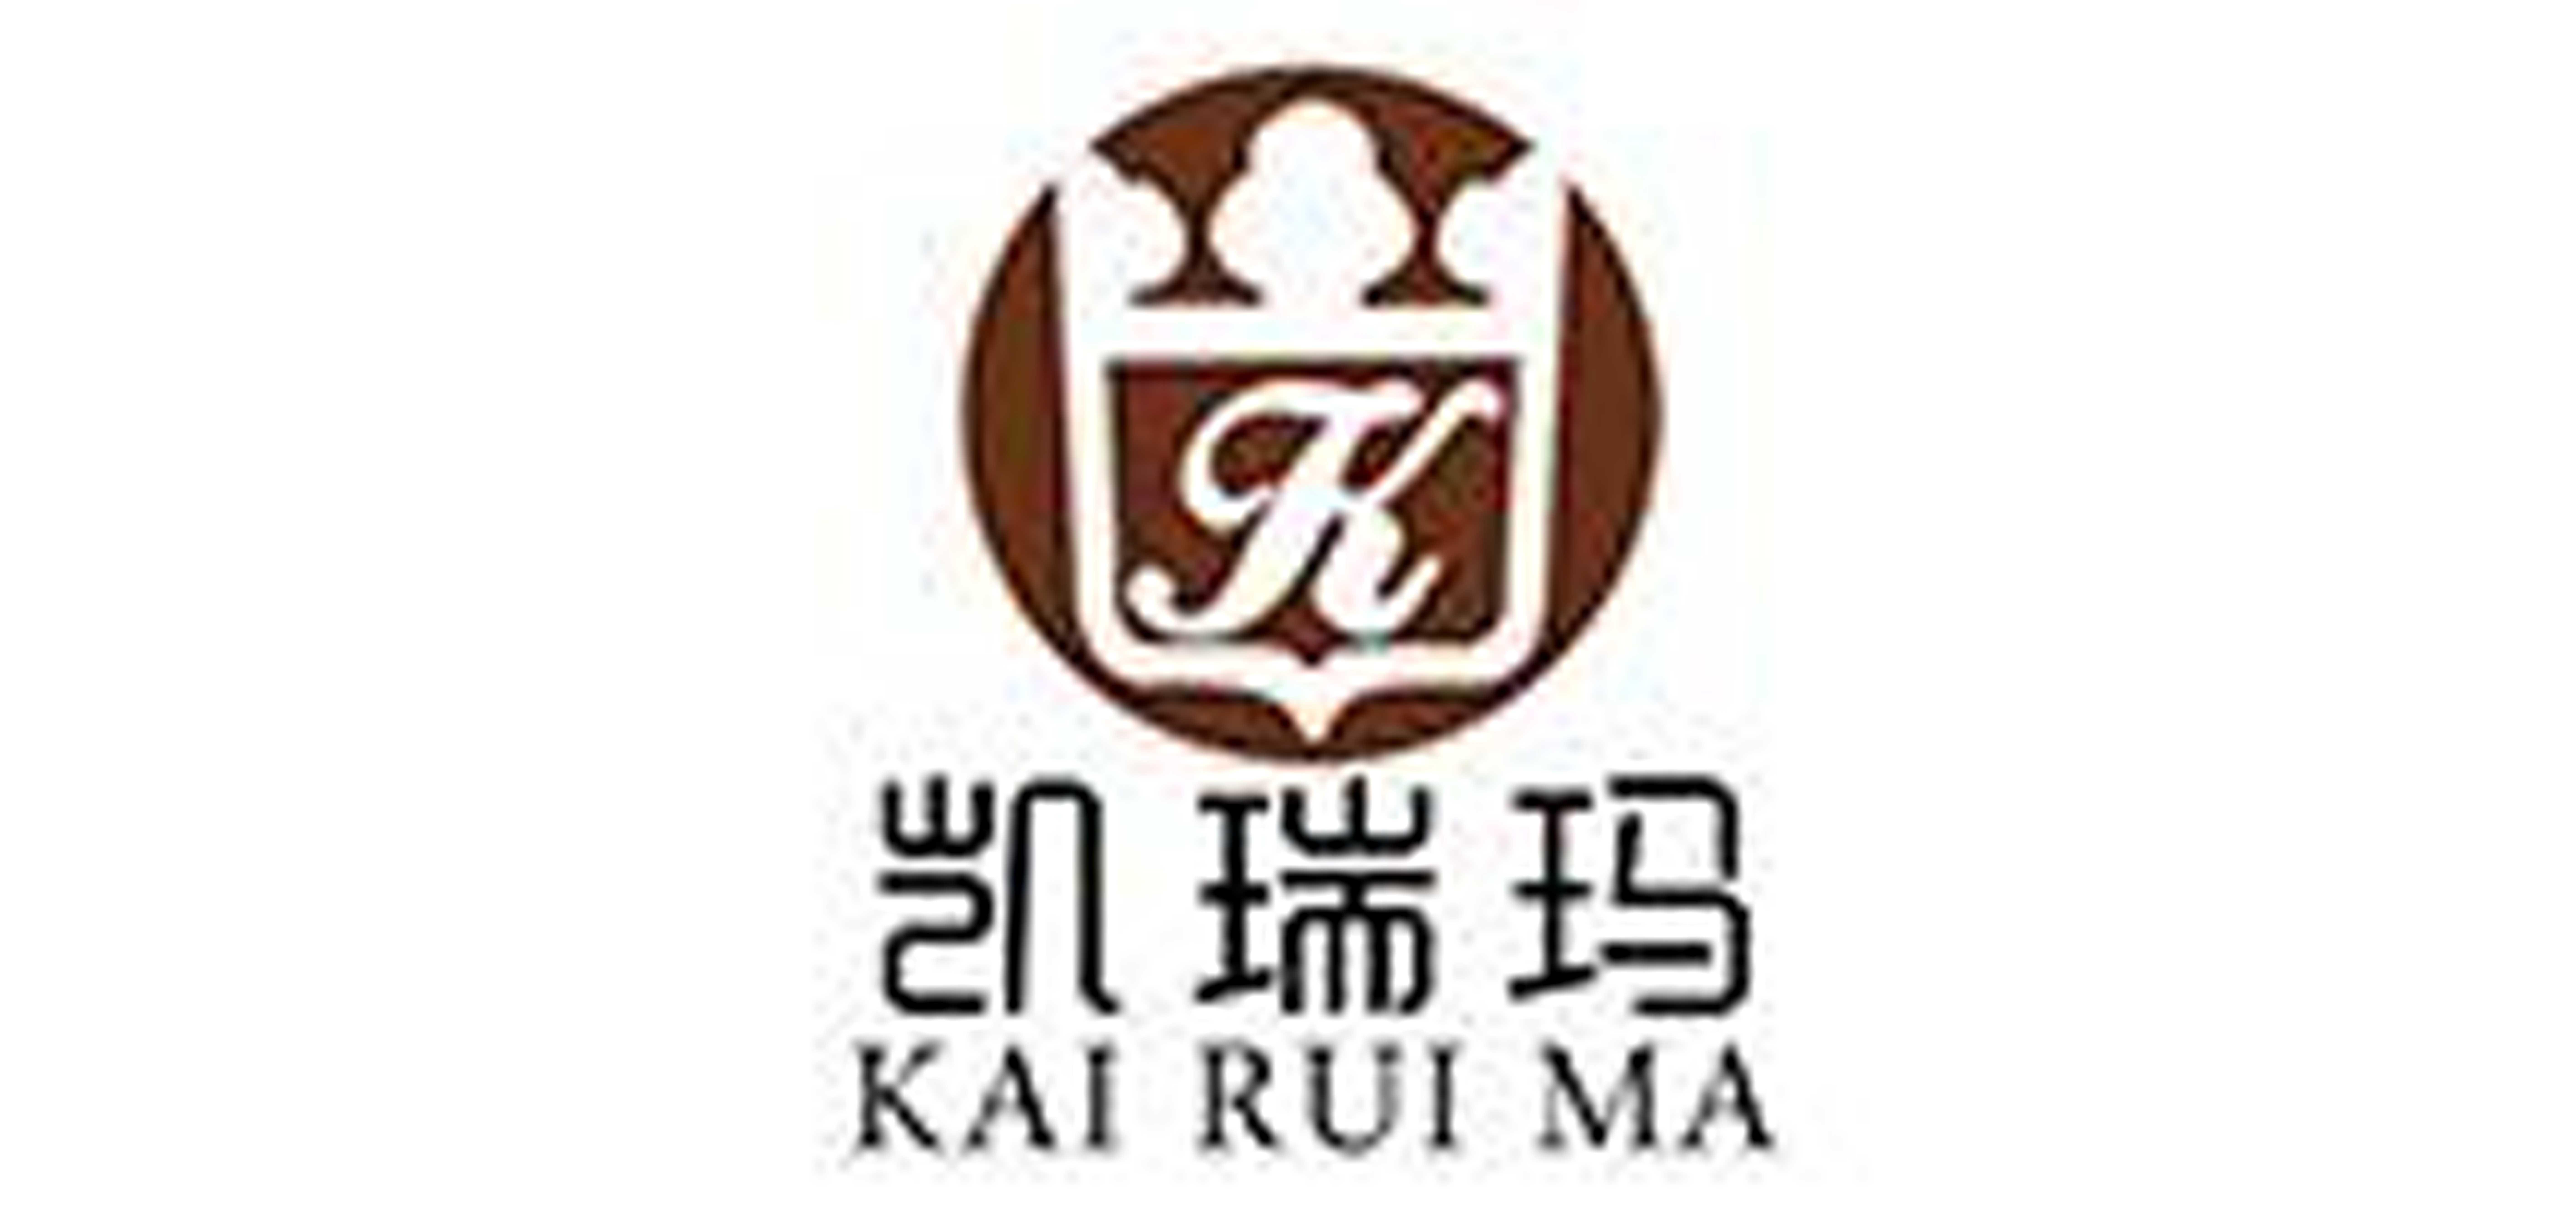 KAIRUIMA是什么牌子_凯瑞玛品牌怎么样?